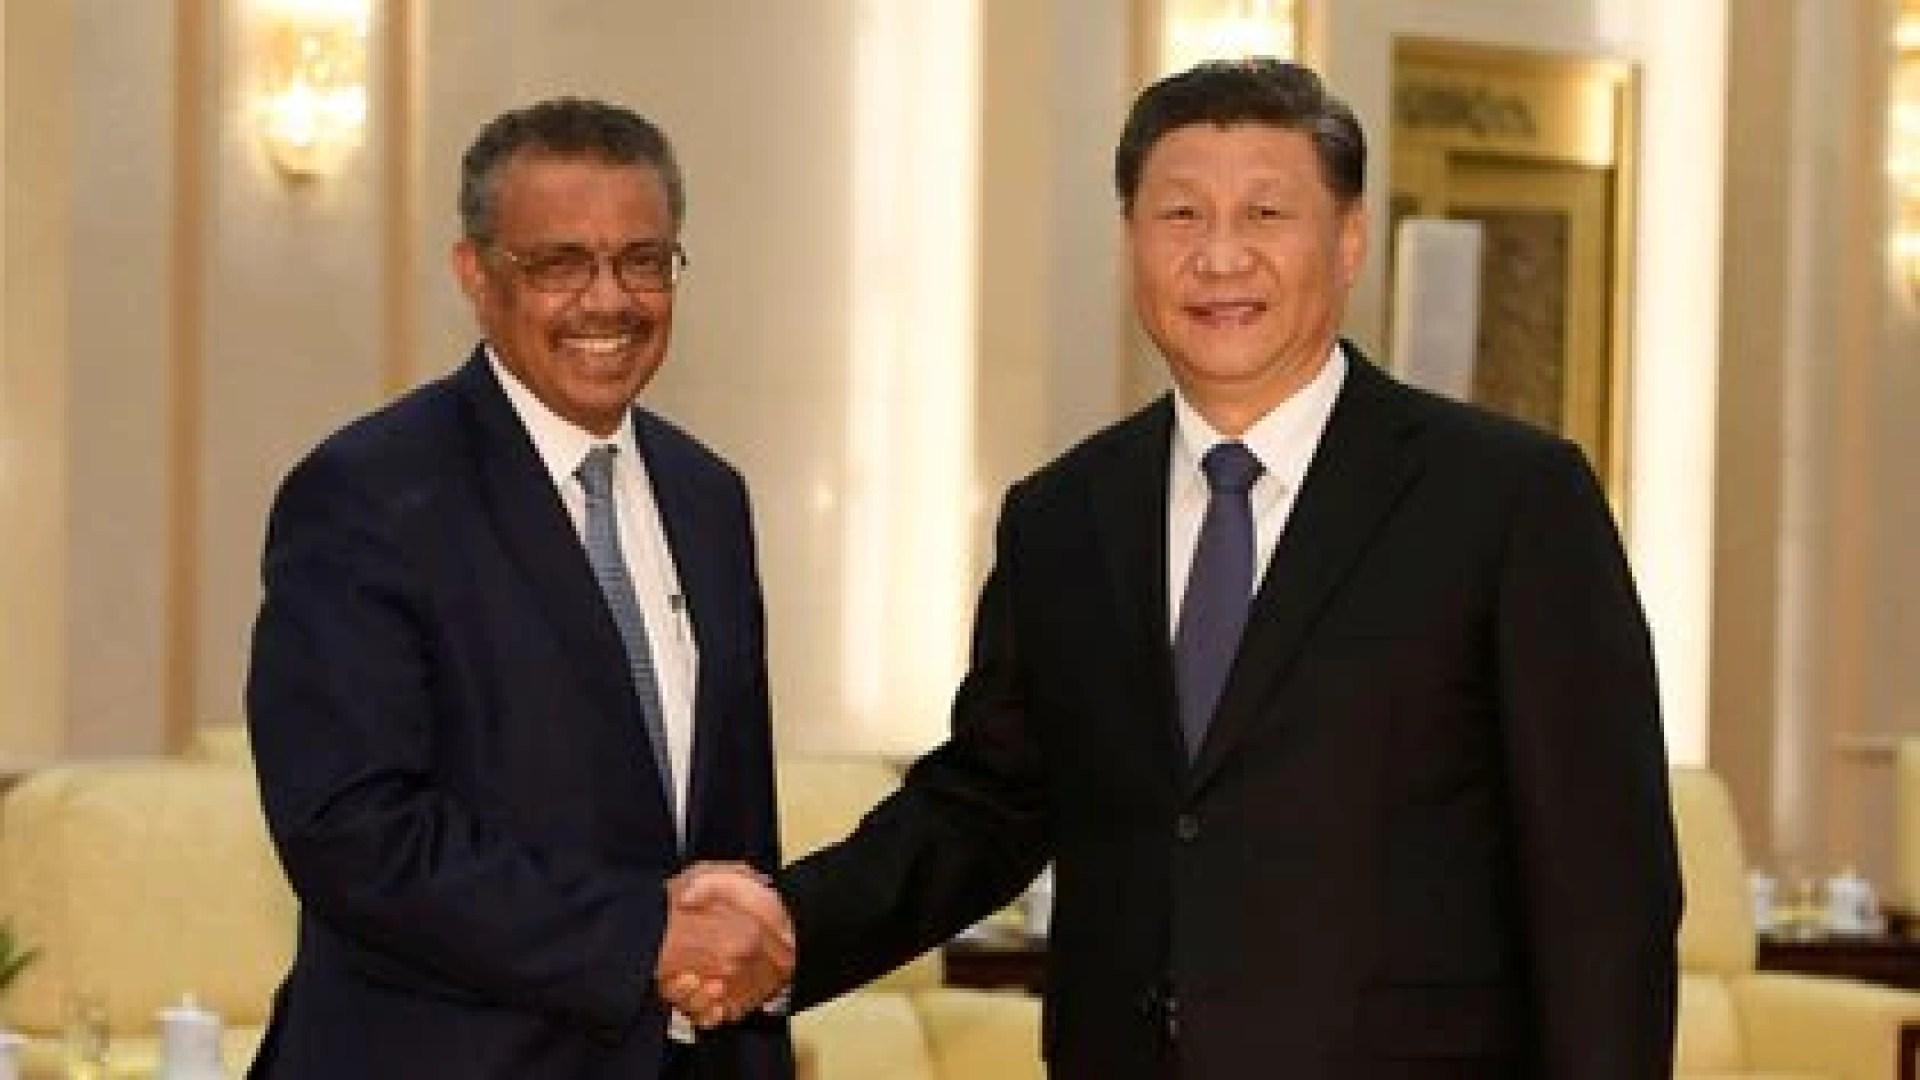 El director de la OMS Tedros Adhanom y el presidente chino Xi jinping durante un encuentro en enero de 2020 (Naohiko Hatta via REUTERS/archivo)